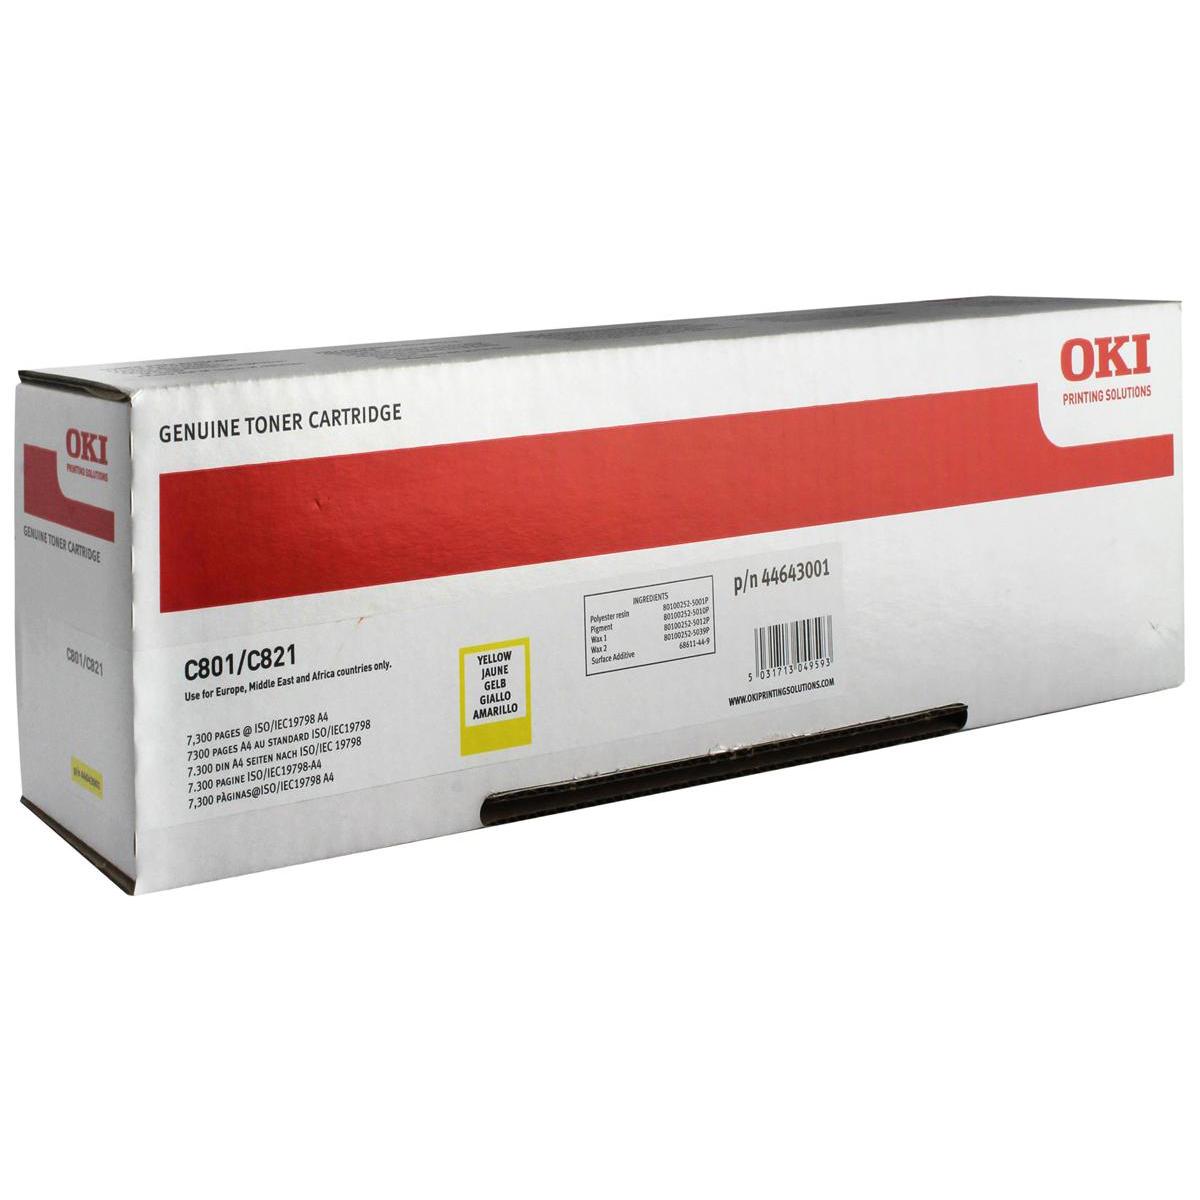 OKI Laser Toner Cartridge Page Life 7300pp Yellow Ref 44643001